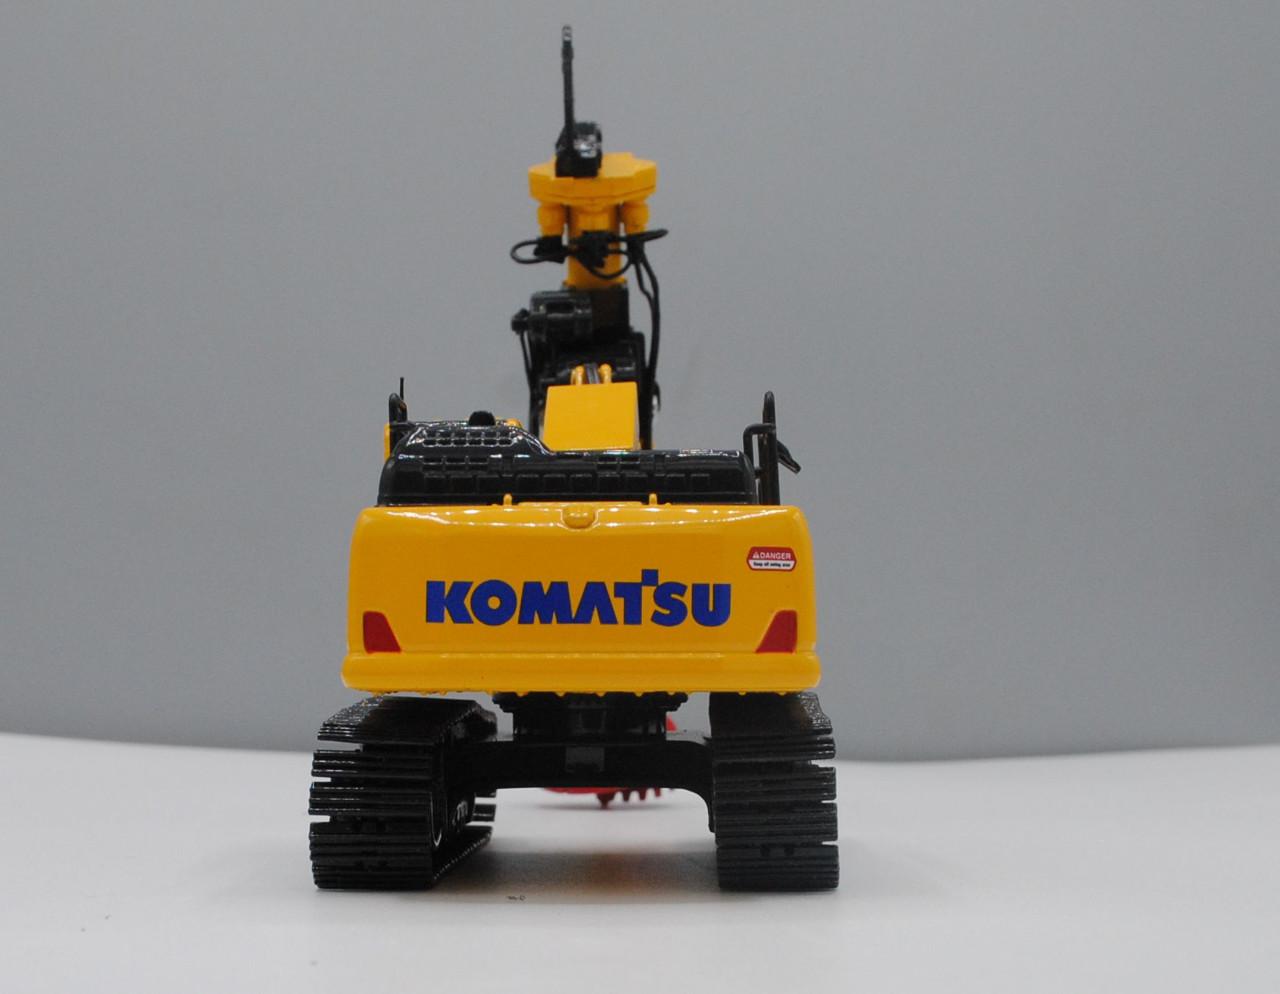 Picture of Komatsu PC360LC-11 with BayShore DH60 drill